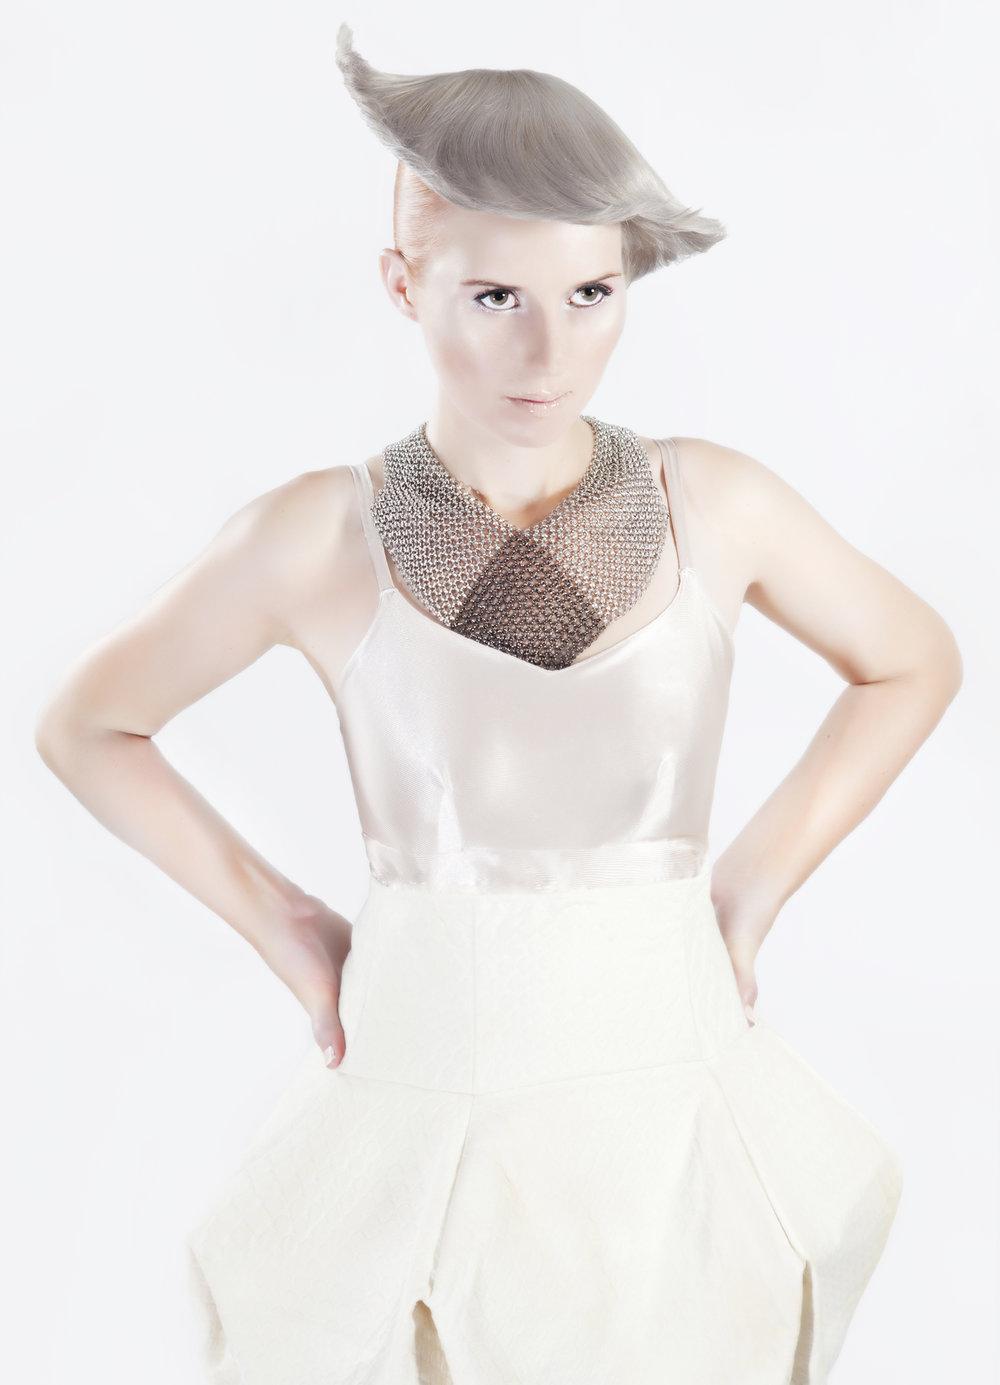 KateHead&Shoulderscopy.jpg